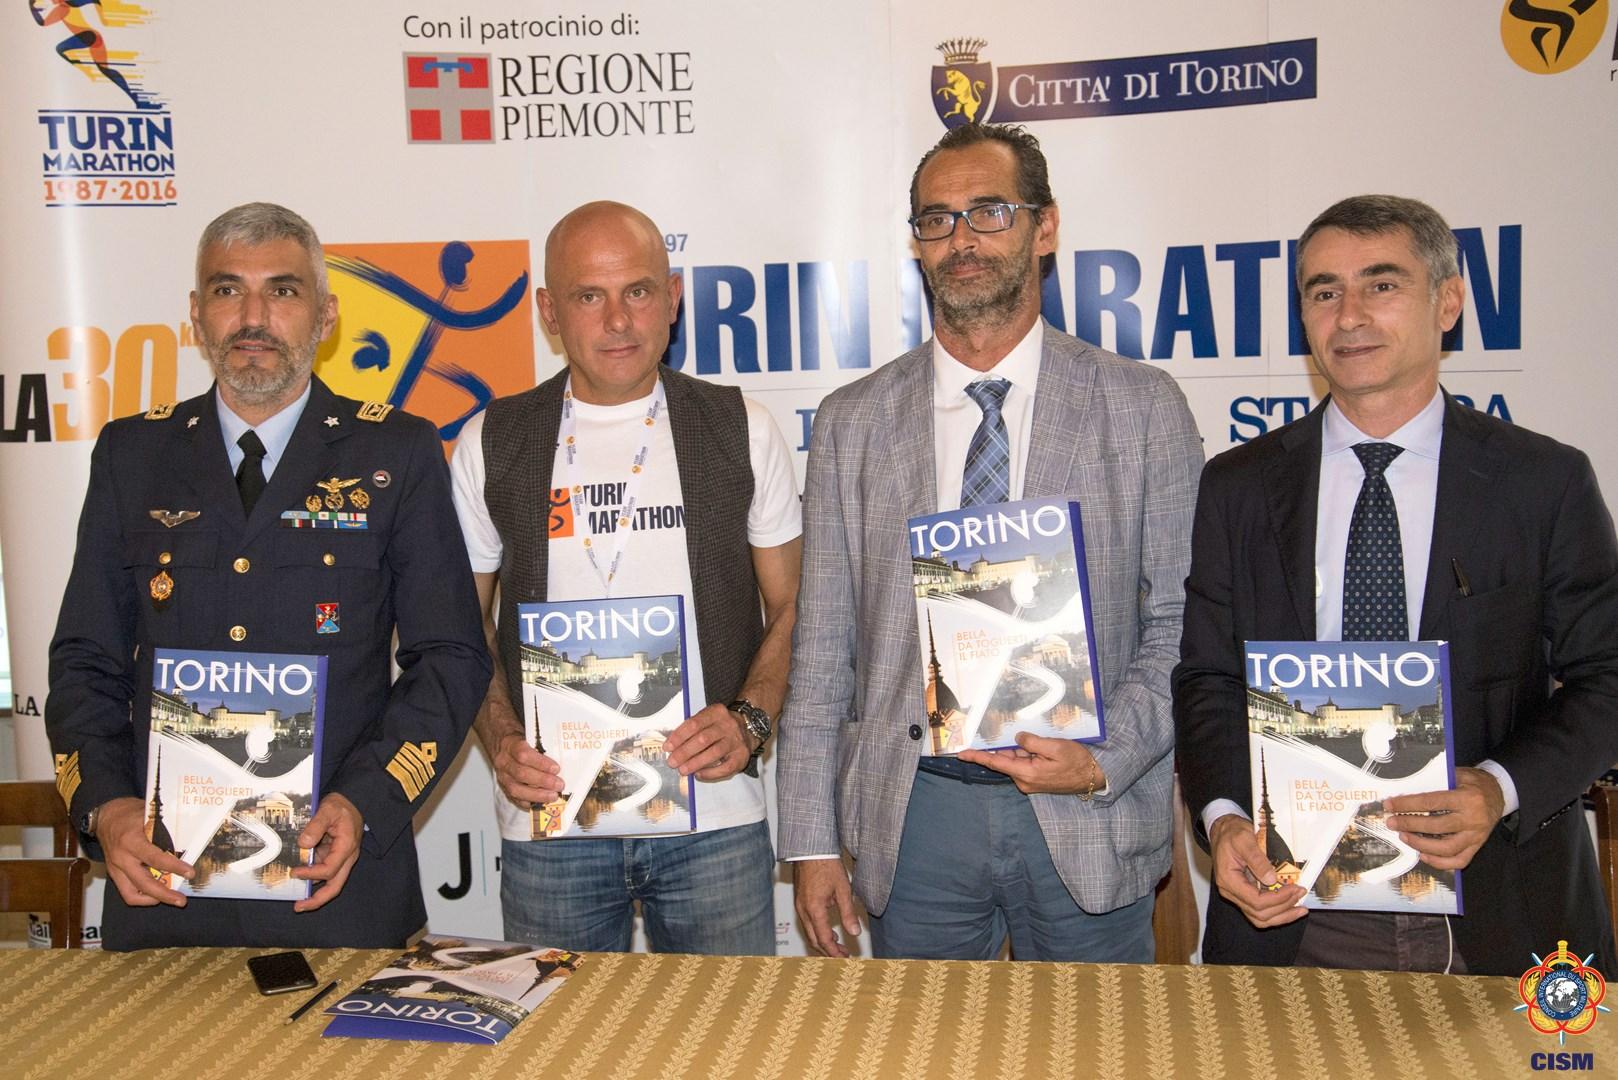 48th WMC Marathon – Torino (ITA) - Update